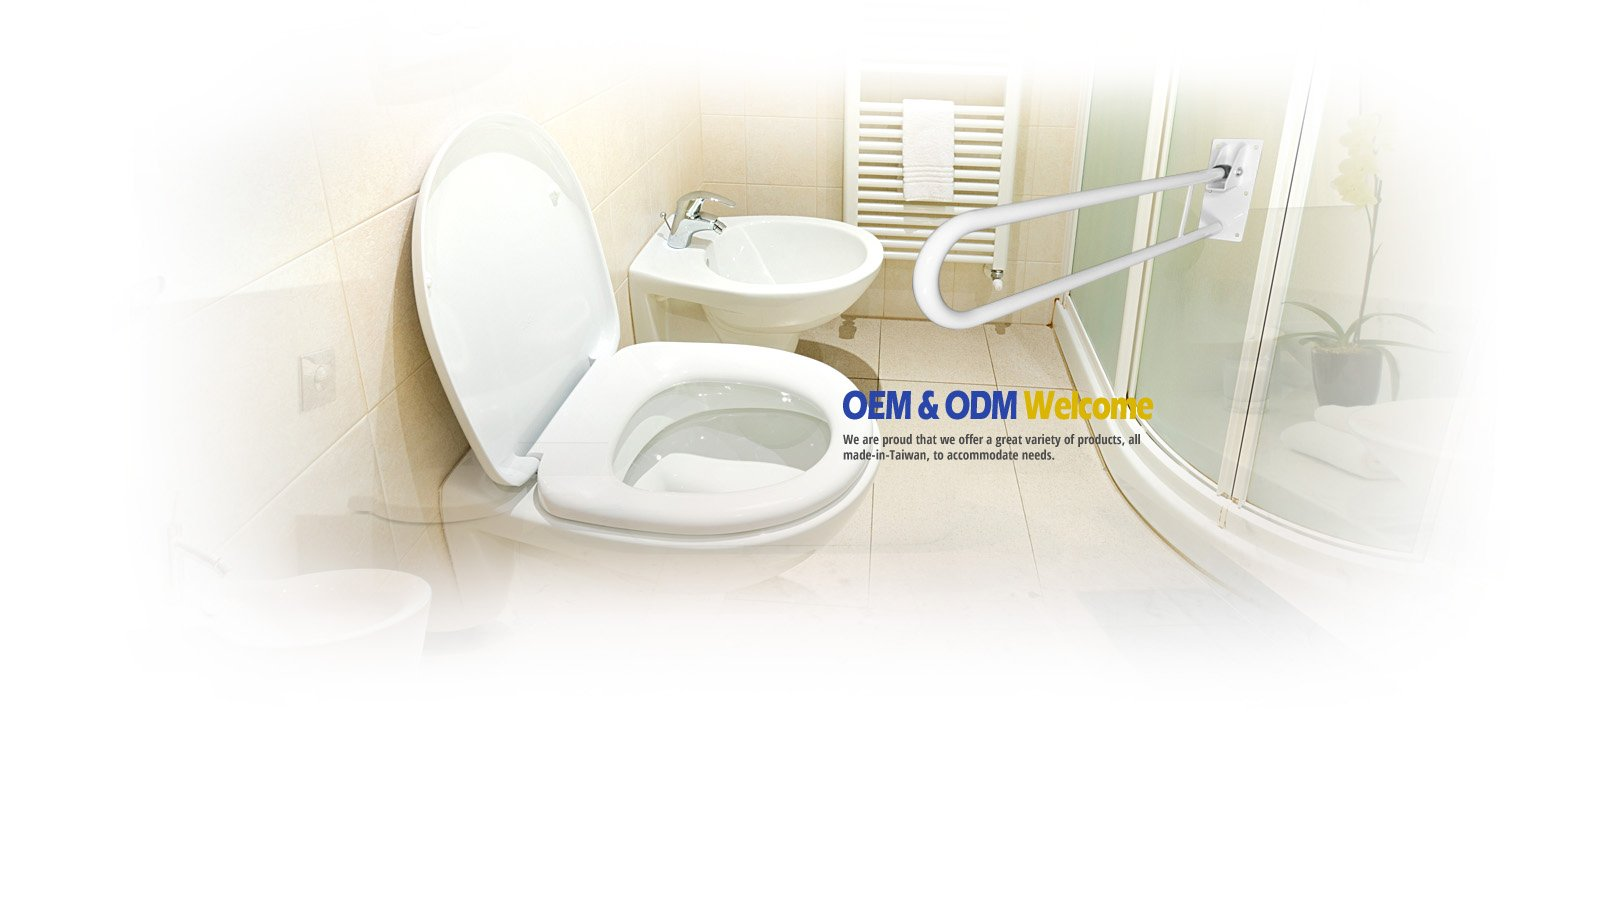 Bath safety bathroom accessories manufacturer homecare - Manufacturer of bathroom accessories ...